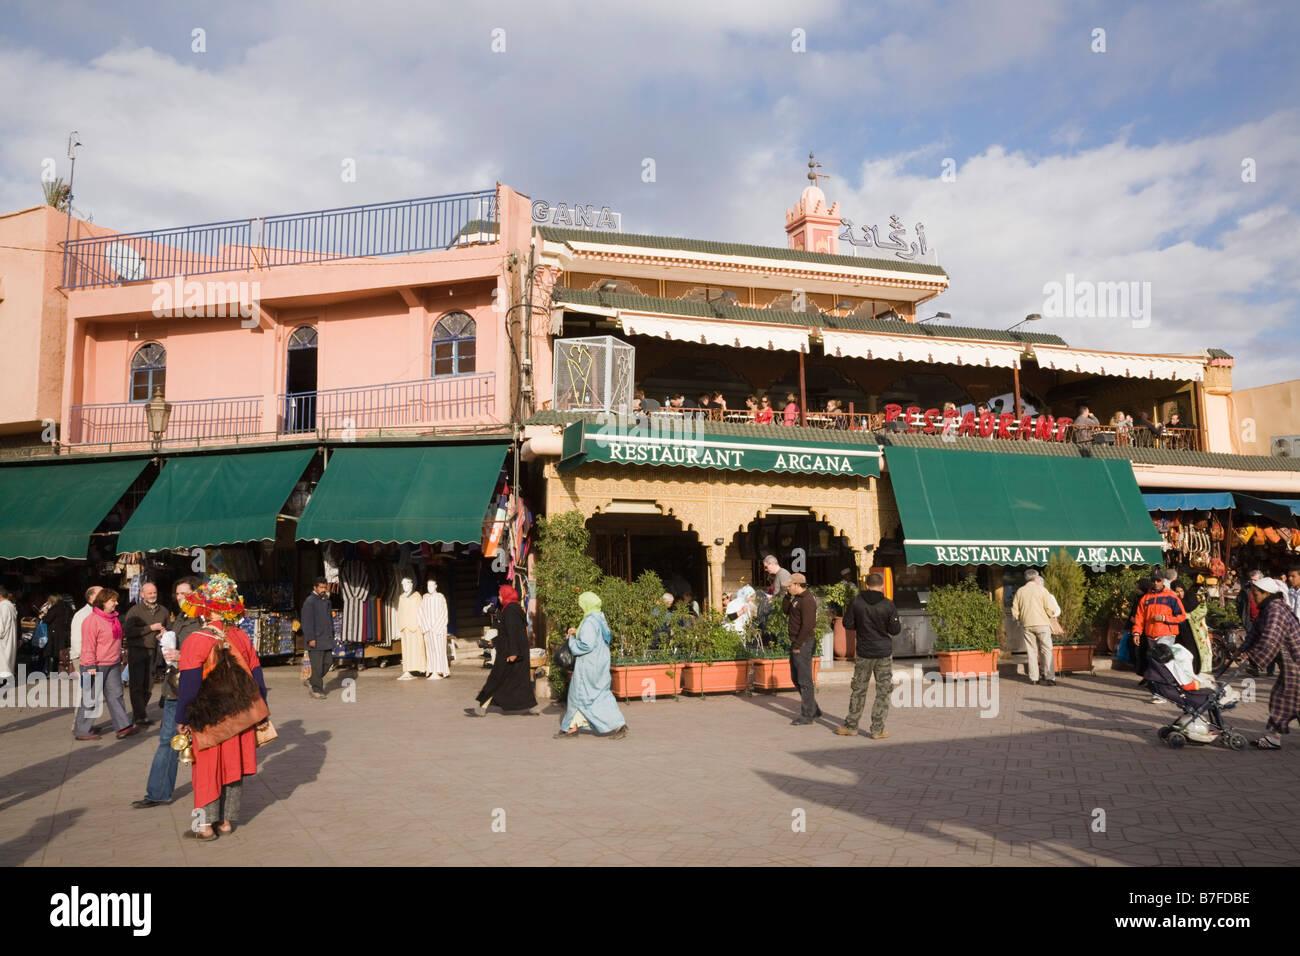 Marrakech Restaurant Stock Photos Marrakech Restaurant